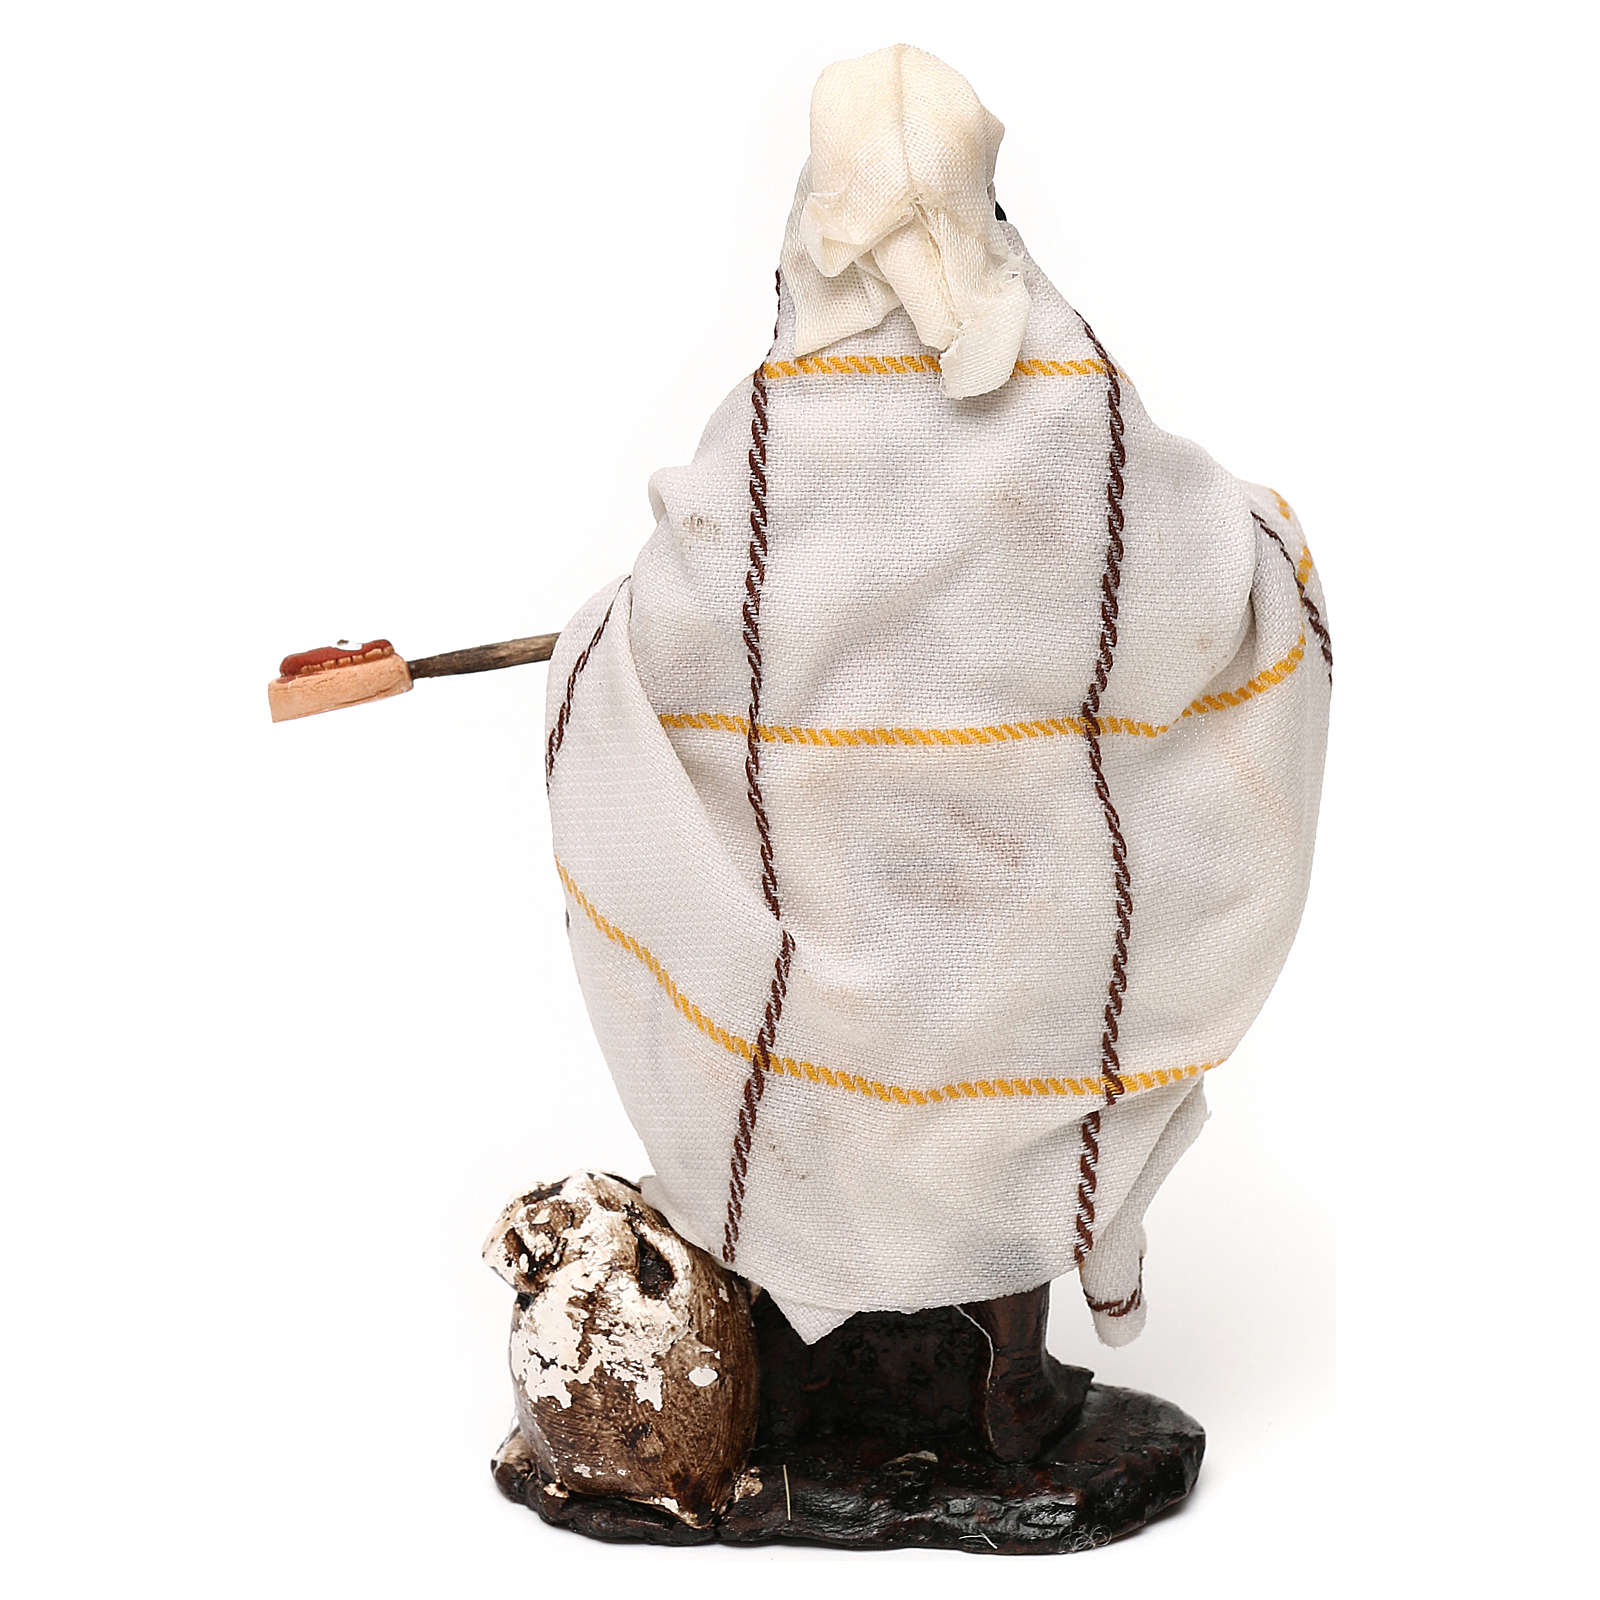 Neapolitan Nativity scene, pizza maker 12 cm 4